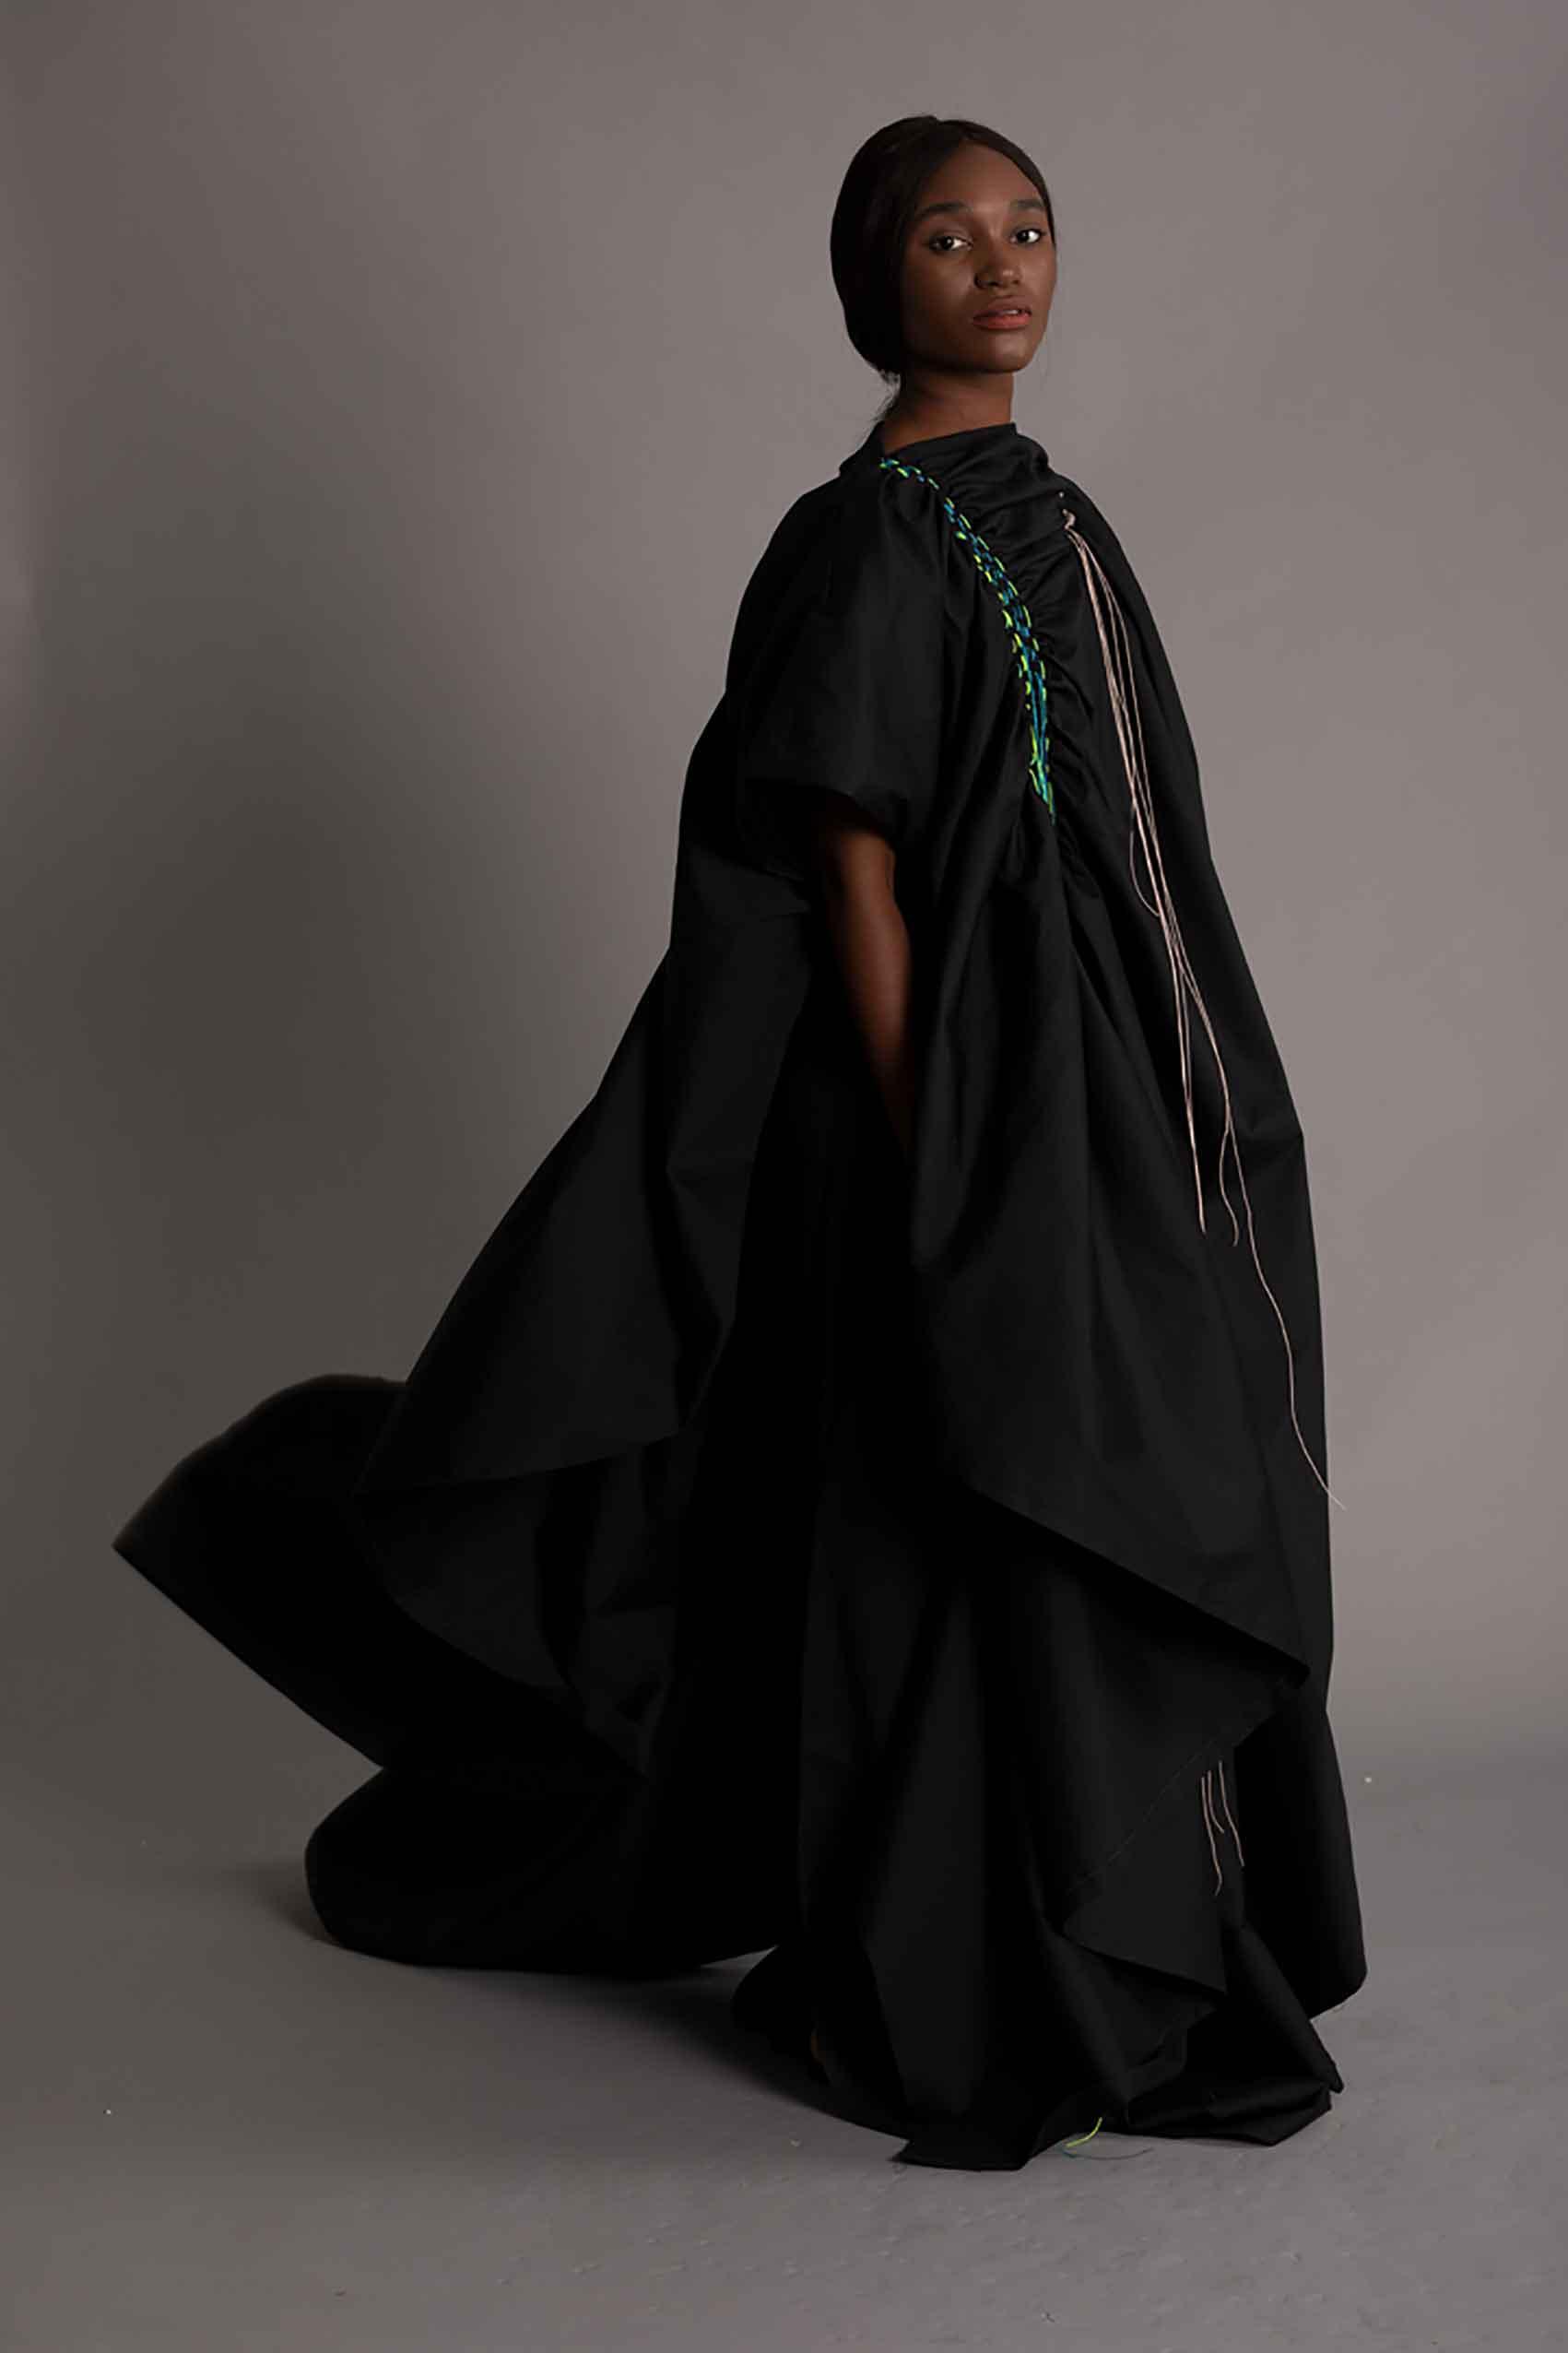 """אריג' זרקאוי, """"חופש"""": הניגודיות בין העולם המסורתי המוסלמי לבין הצורך של האישה המוסלמית המודרנית לתפיסת חיים משוחררת ועכשווית. צילום: צורי אדמוני-5"""